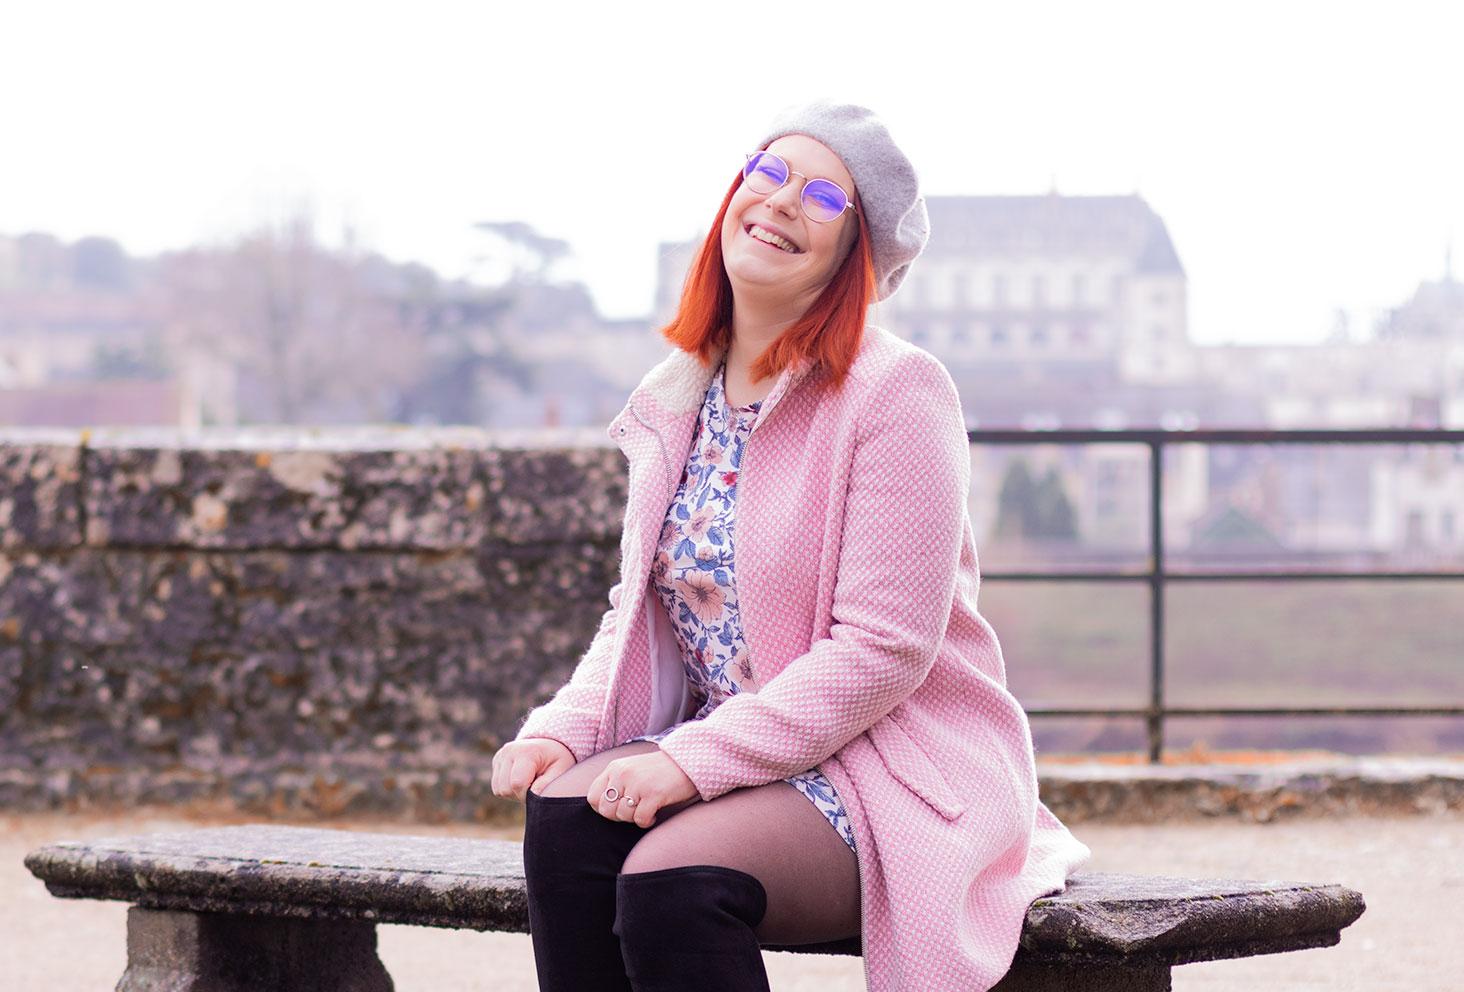 Assise sur un banc avec le château d'Amboise dans la brume en arrière plan, en manteau rose et robe à fleurs